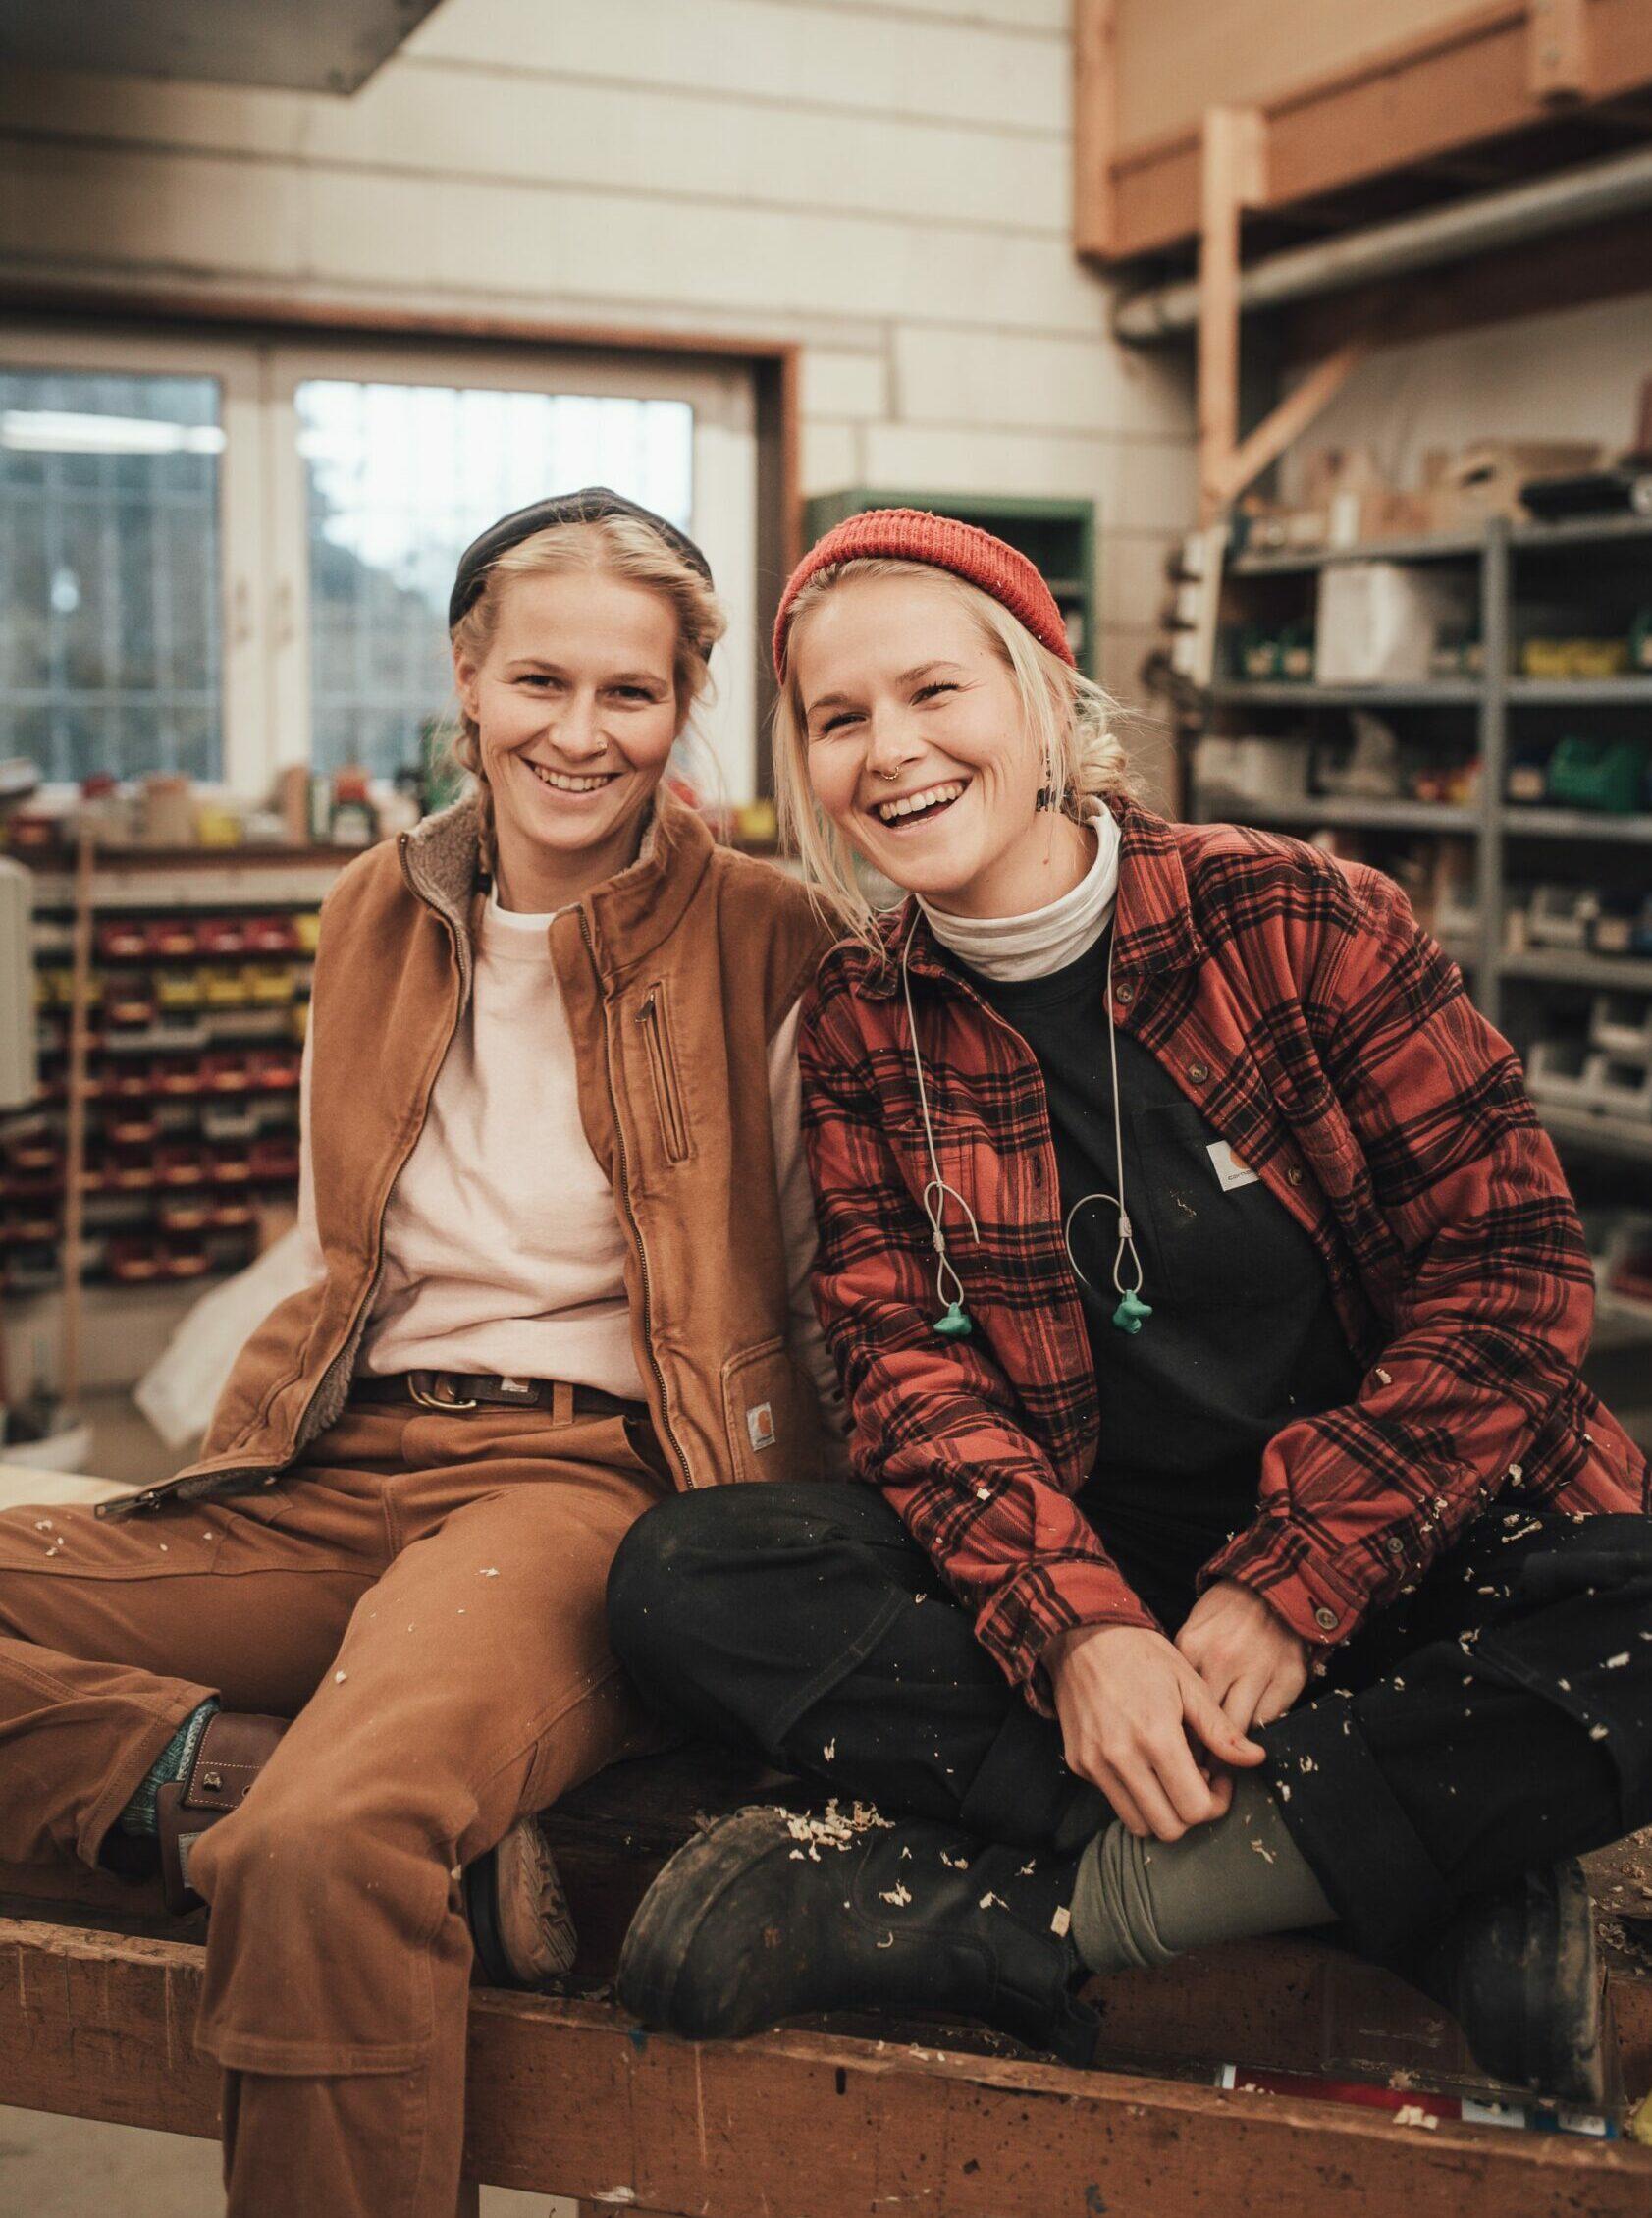 Frauen im Handwerk: Die Tischlerinnen Sarah & Wanda Seegers